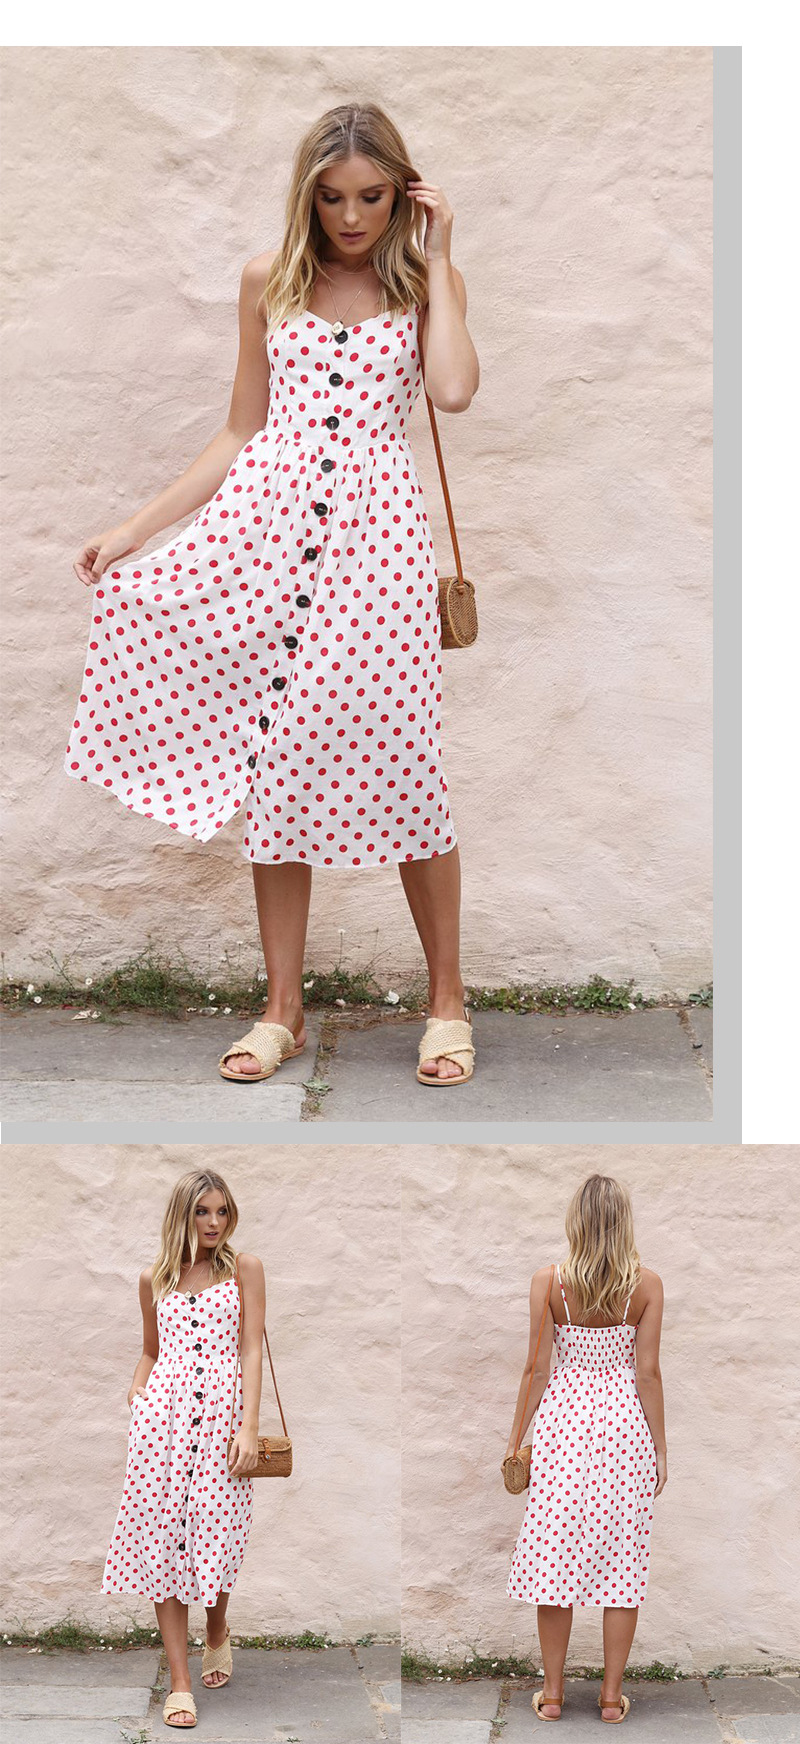 Button Striped Print Cotton Linen Casual Summer Dress 19 Sexy Spaghetti Strap V-neck Off Shoulder Women Midi Dress Vestidos 11